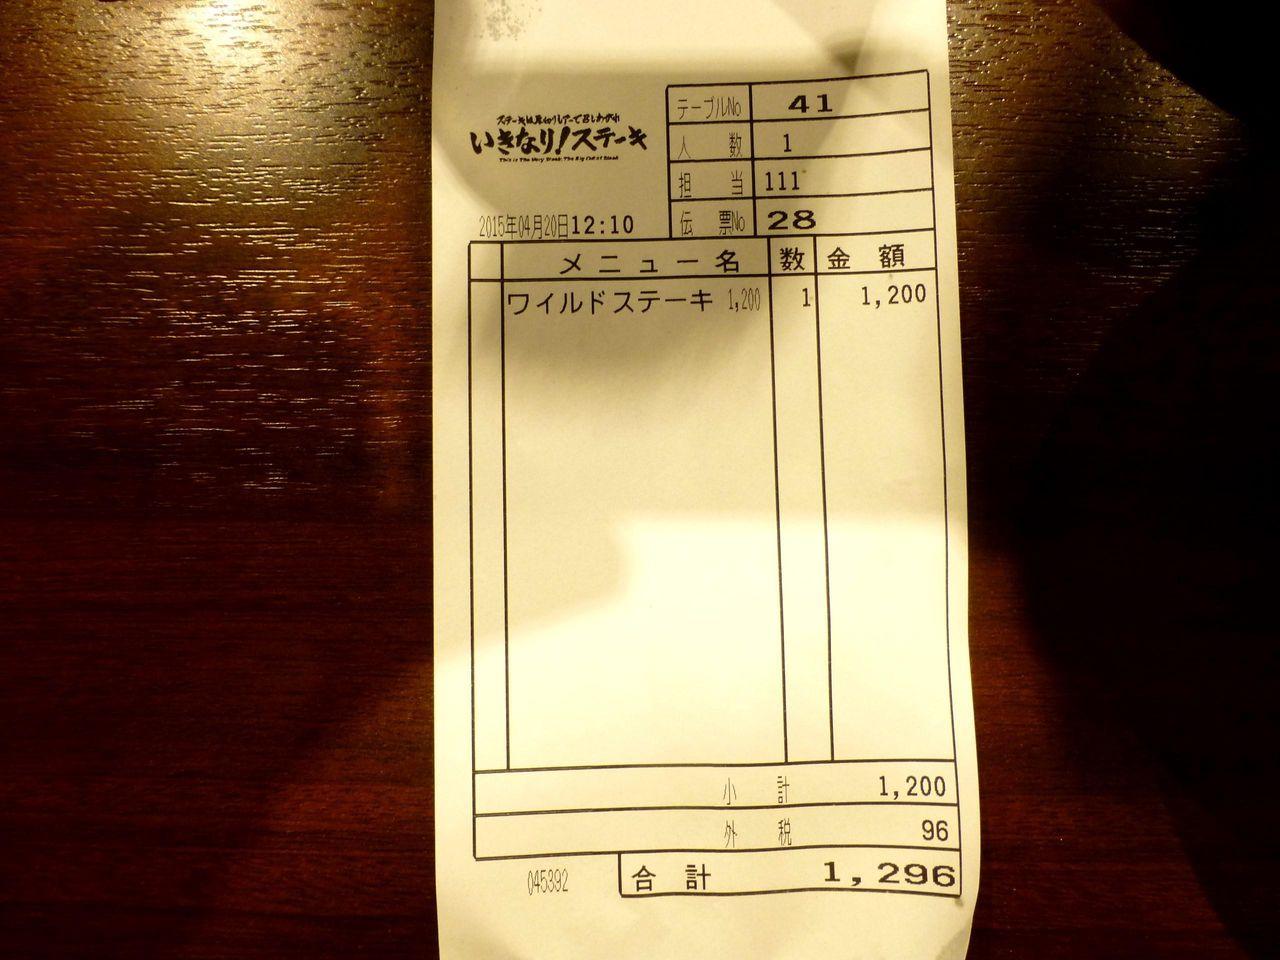 ワイルドステーキ300グラムは、税込みで1,296円!